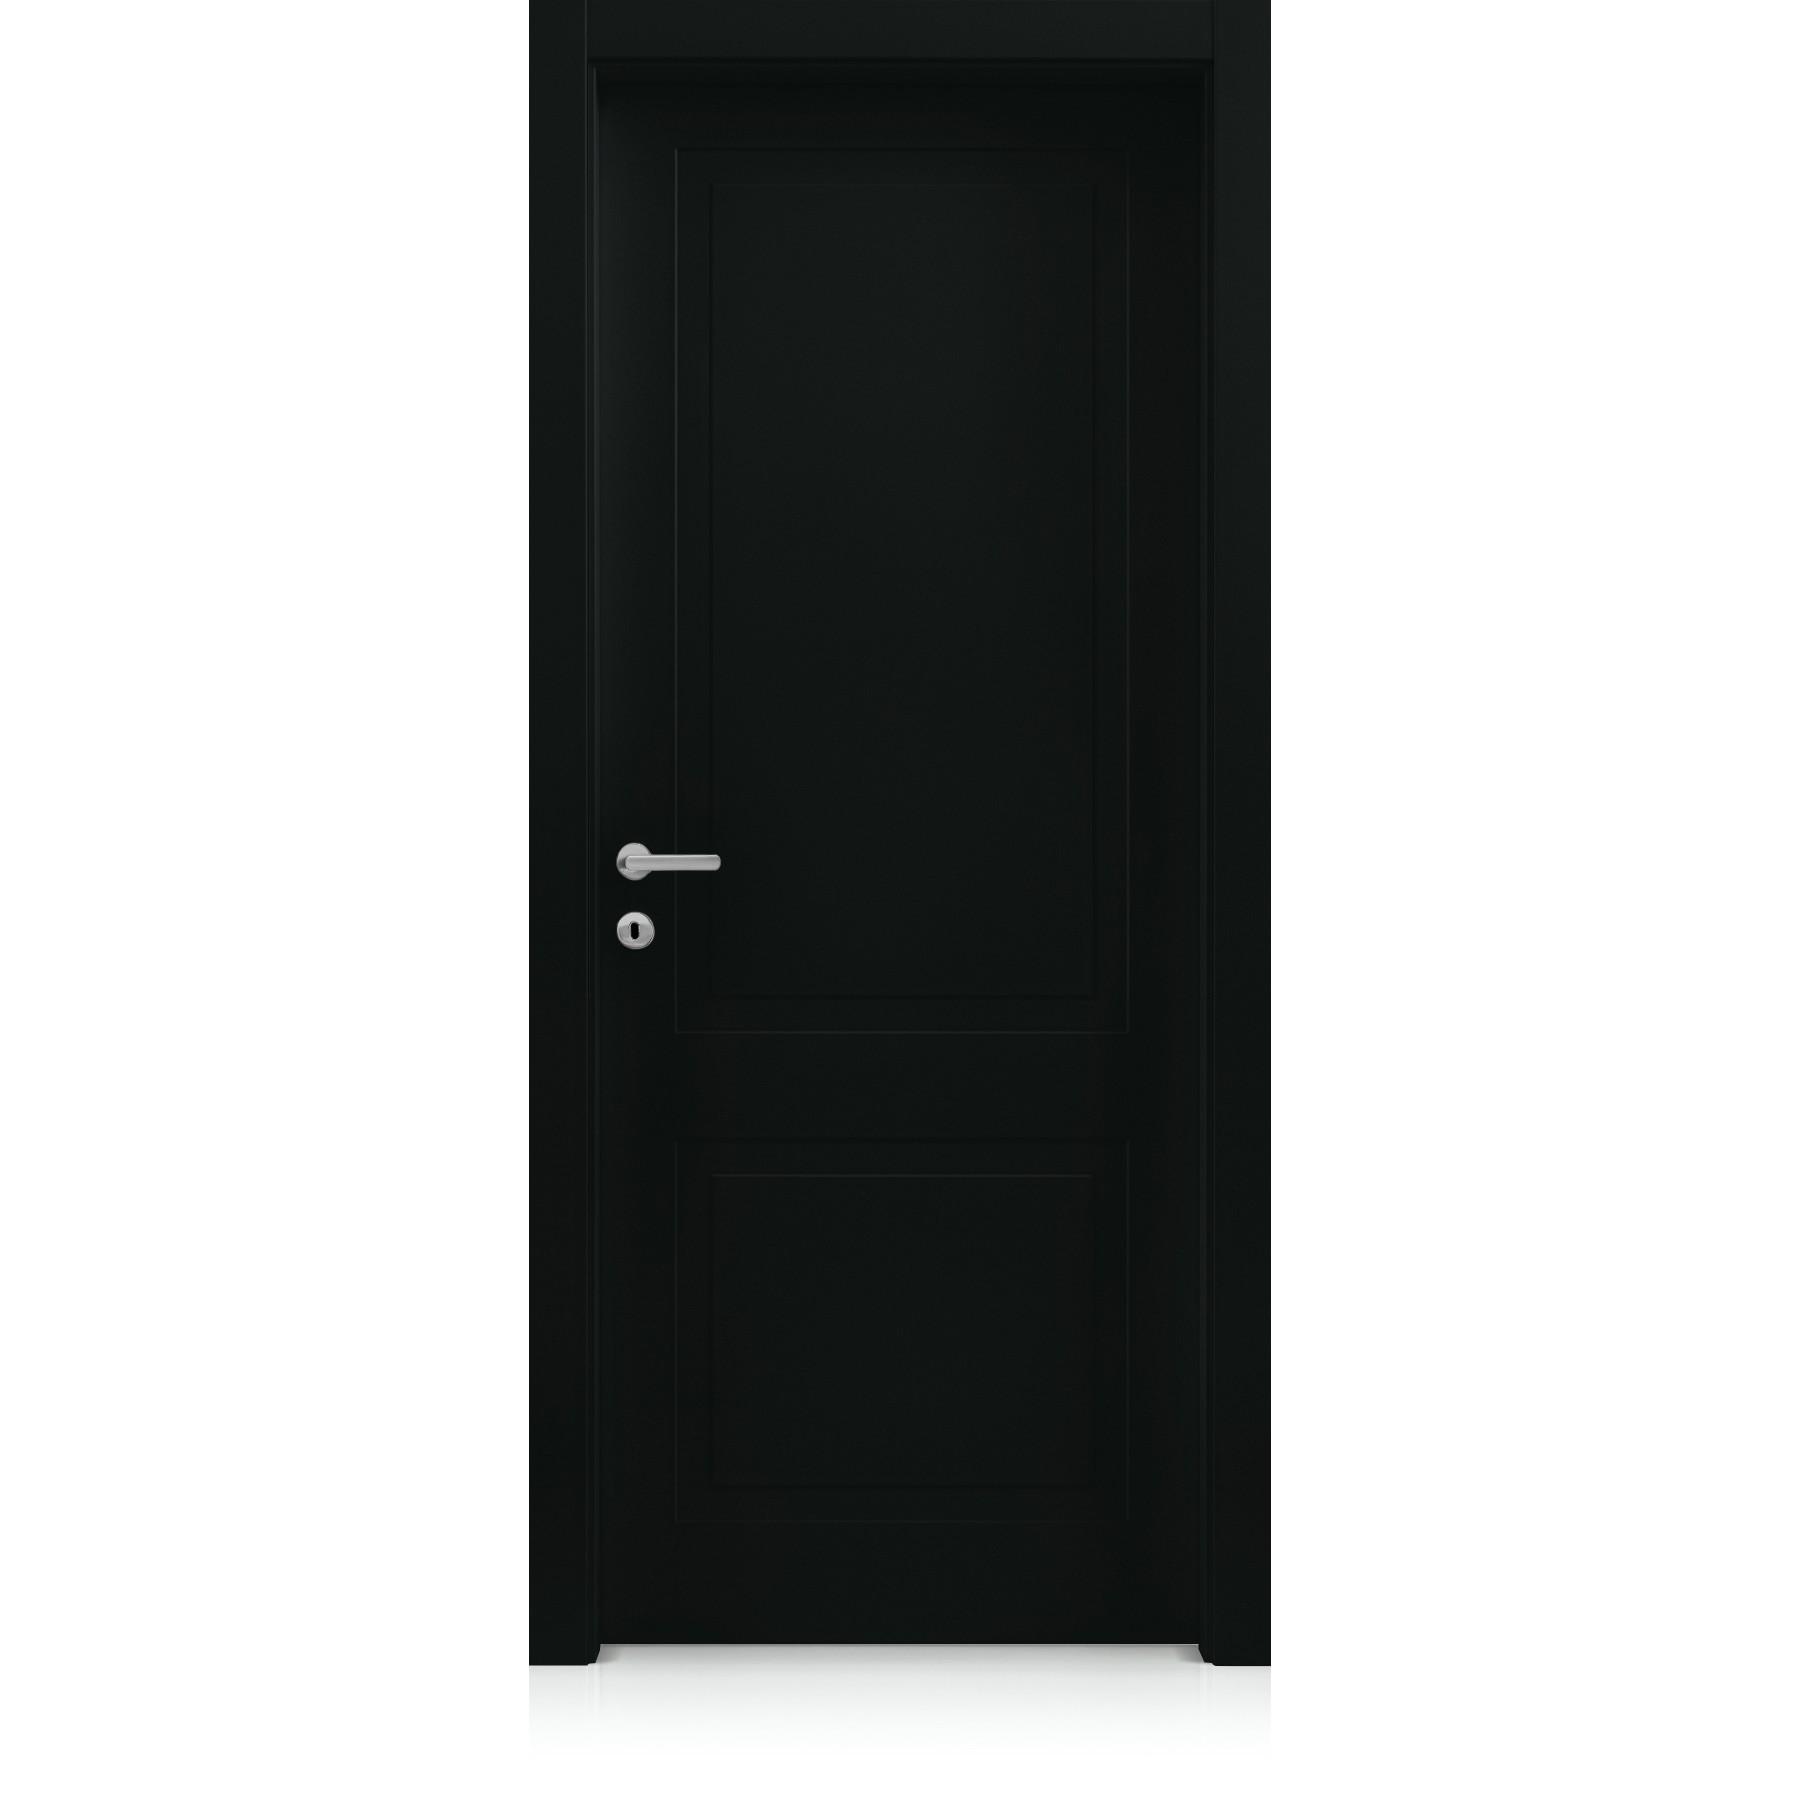 Porta Mixy / 2 Nero Profondo Laccato ULTRAopaco